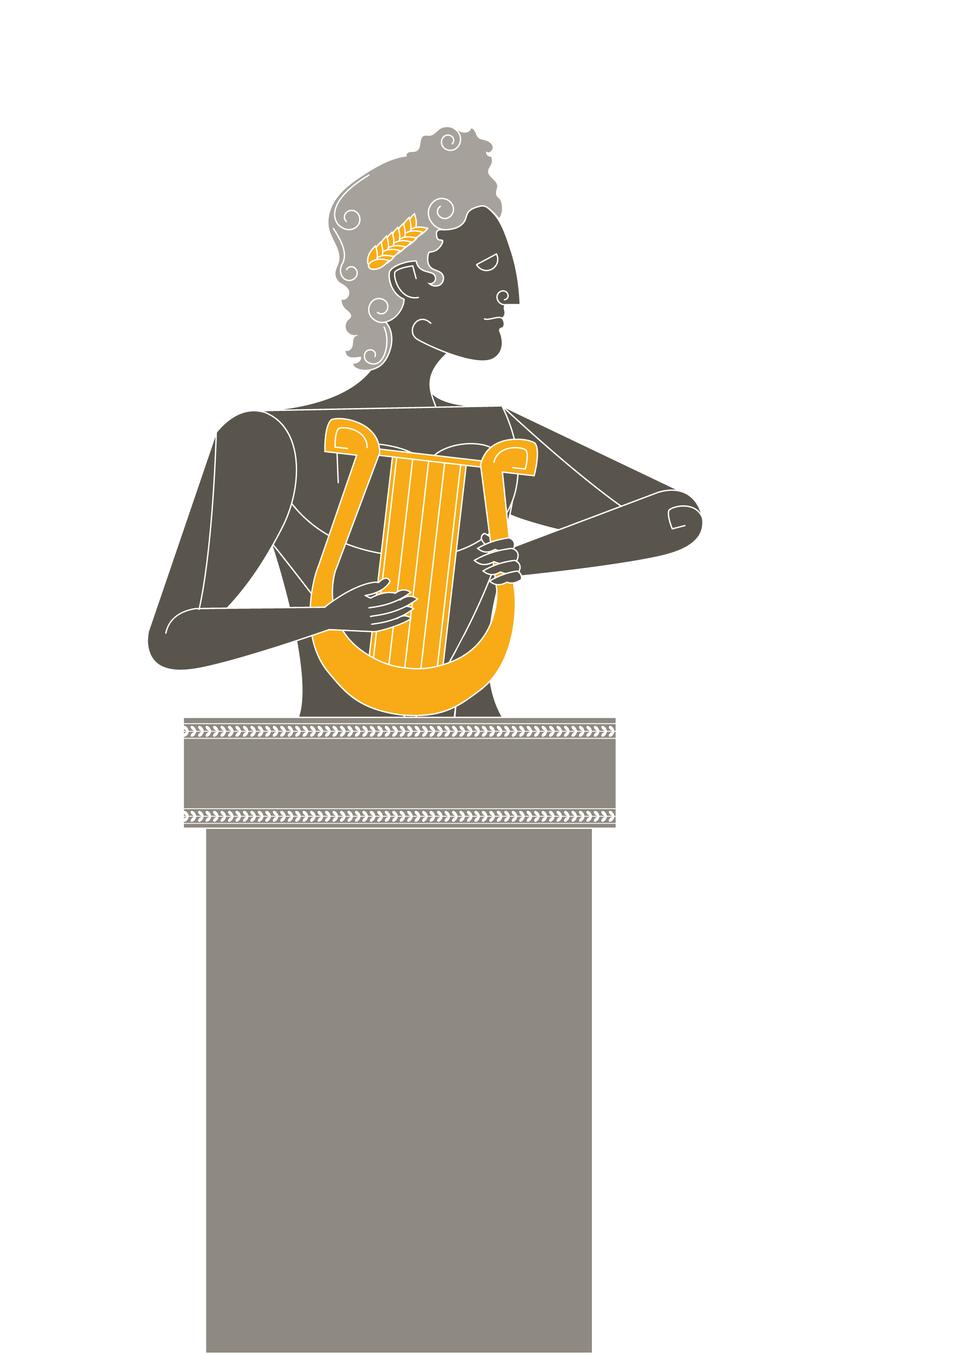 Grecy wyobrażali sobie Apolla, syna Zeusa, jako najpiękniejszego zbogów. Miał długie loki inosił na głowie wieniec laurowy. Młodzieniec trzymał wręku lirę, na której pięknie grał. Opiekował się muzyką, poezją iwróżbiarstwem Grecy wyobrażali sobie Apolla, syna Zeusa, jako najpiękniejszego zbogów. Miał długie loki inosił na głowie wieniec laurowy. Młodzieniec trzymał wręku lirę, na której pięknie grał. Opiekował się muzyką, poezją iwróżbiarstwem Źródło: Contentplus.pl sp. zo.o., licencja: CC BY 3.0.